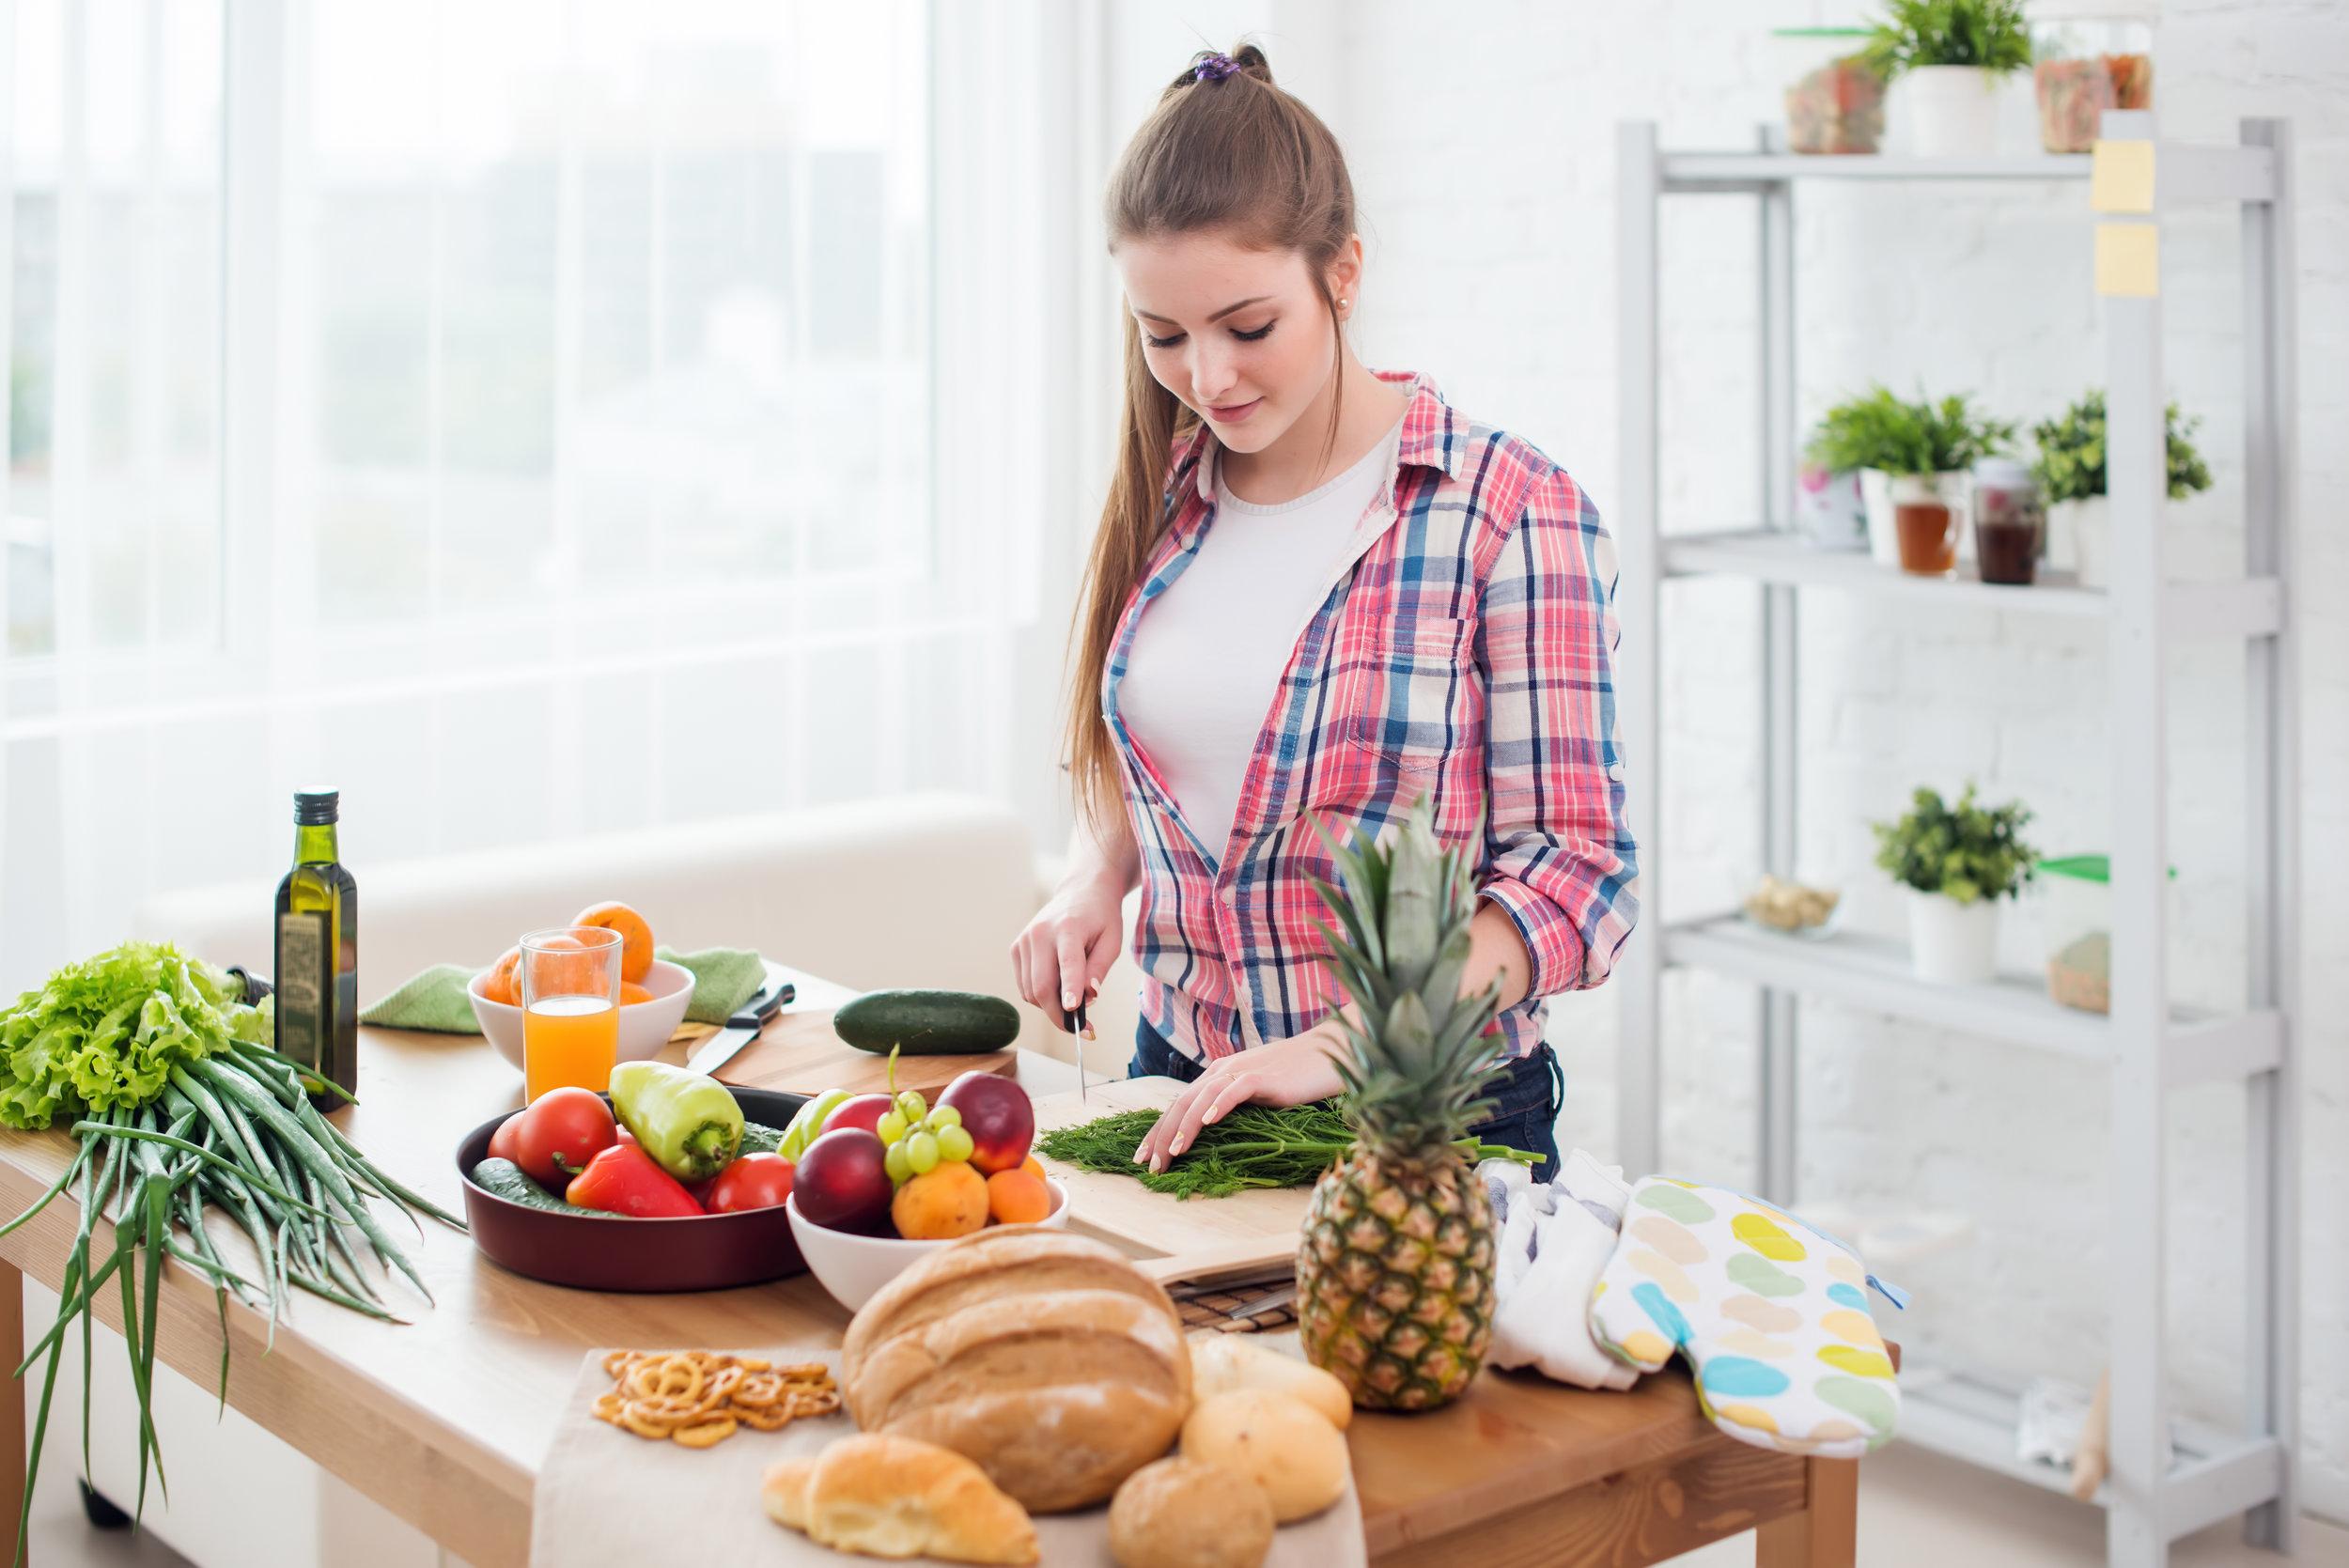 Junge Frau beim Kochen.jpg